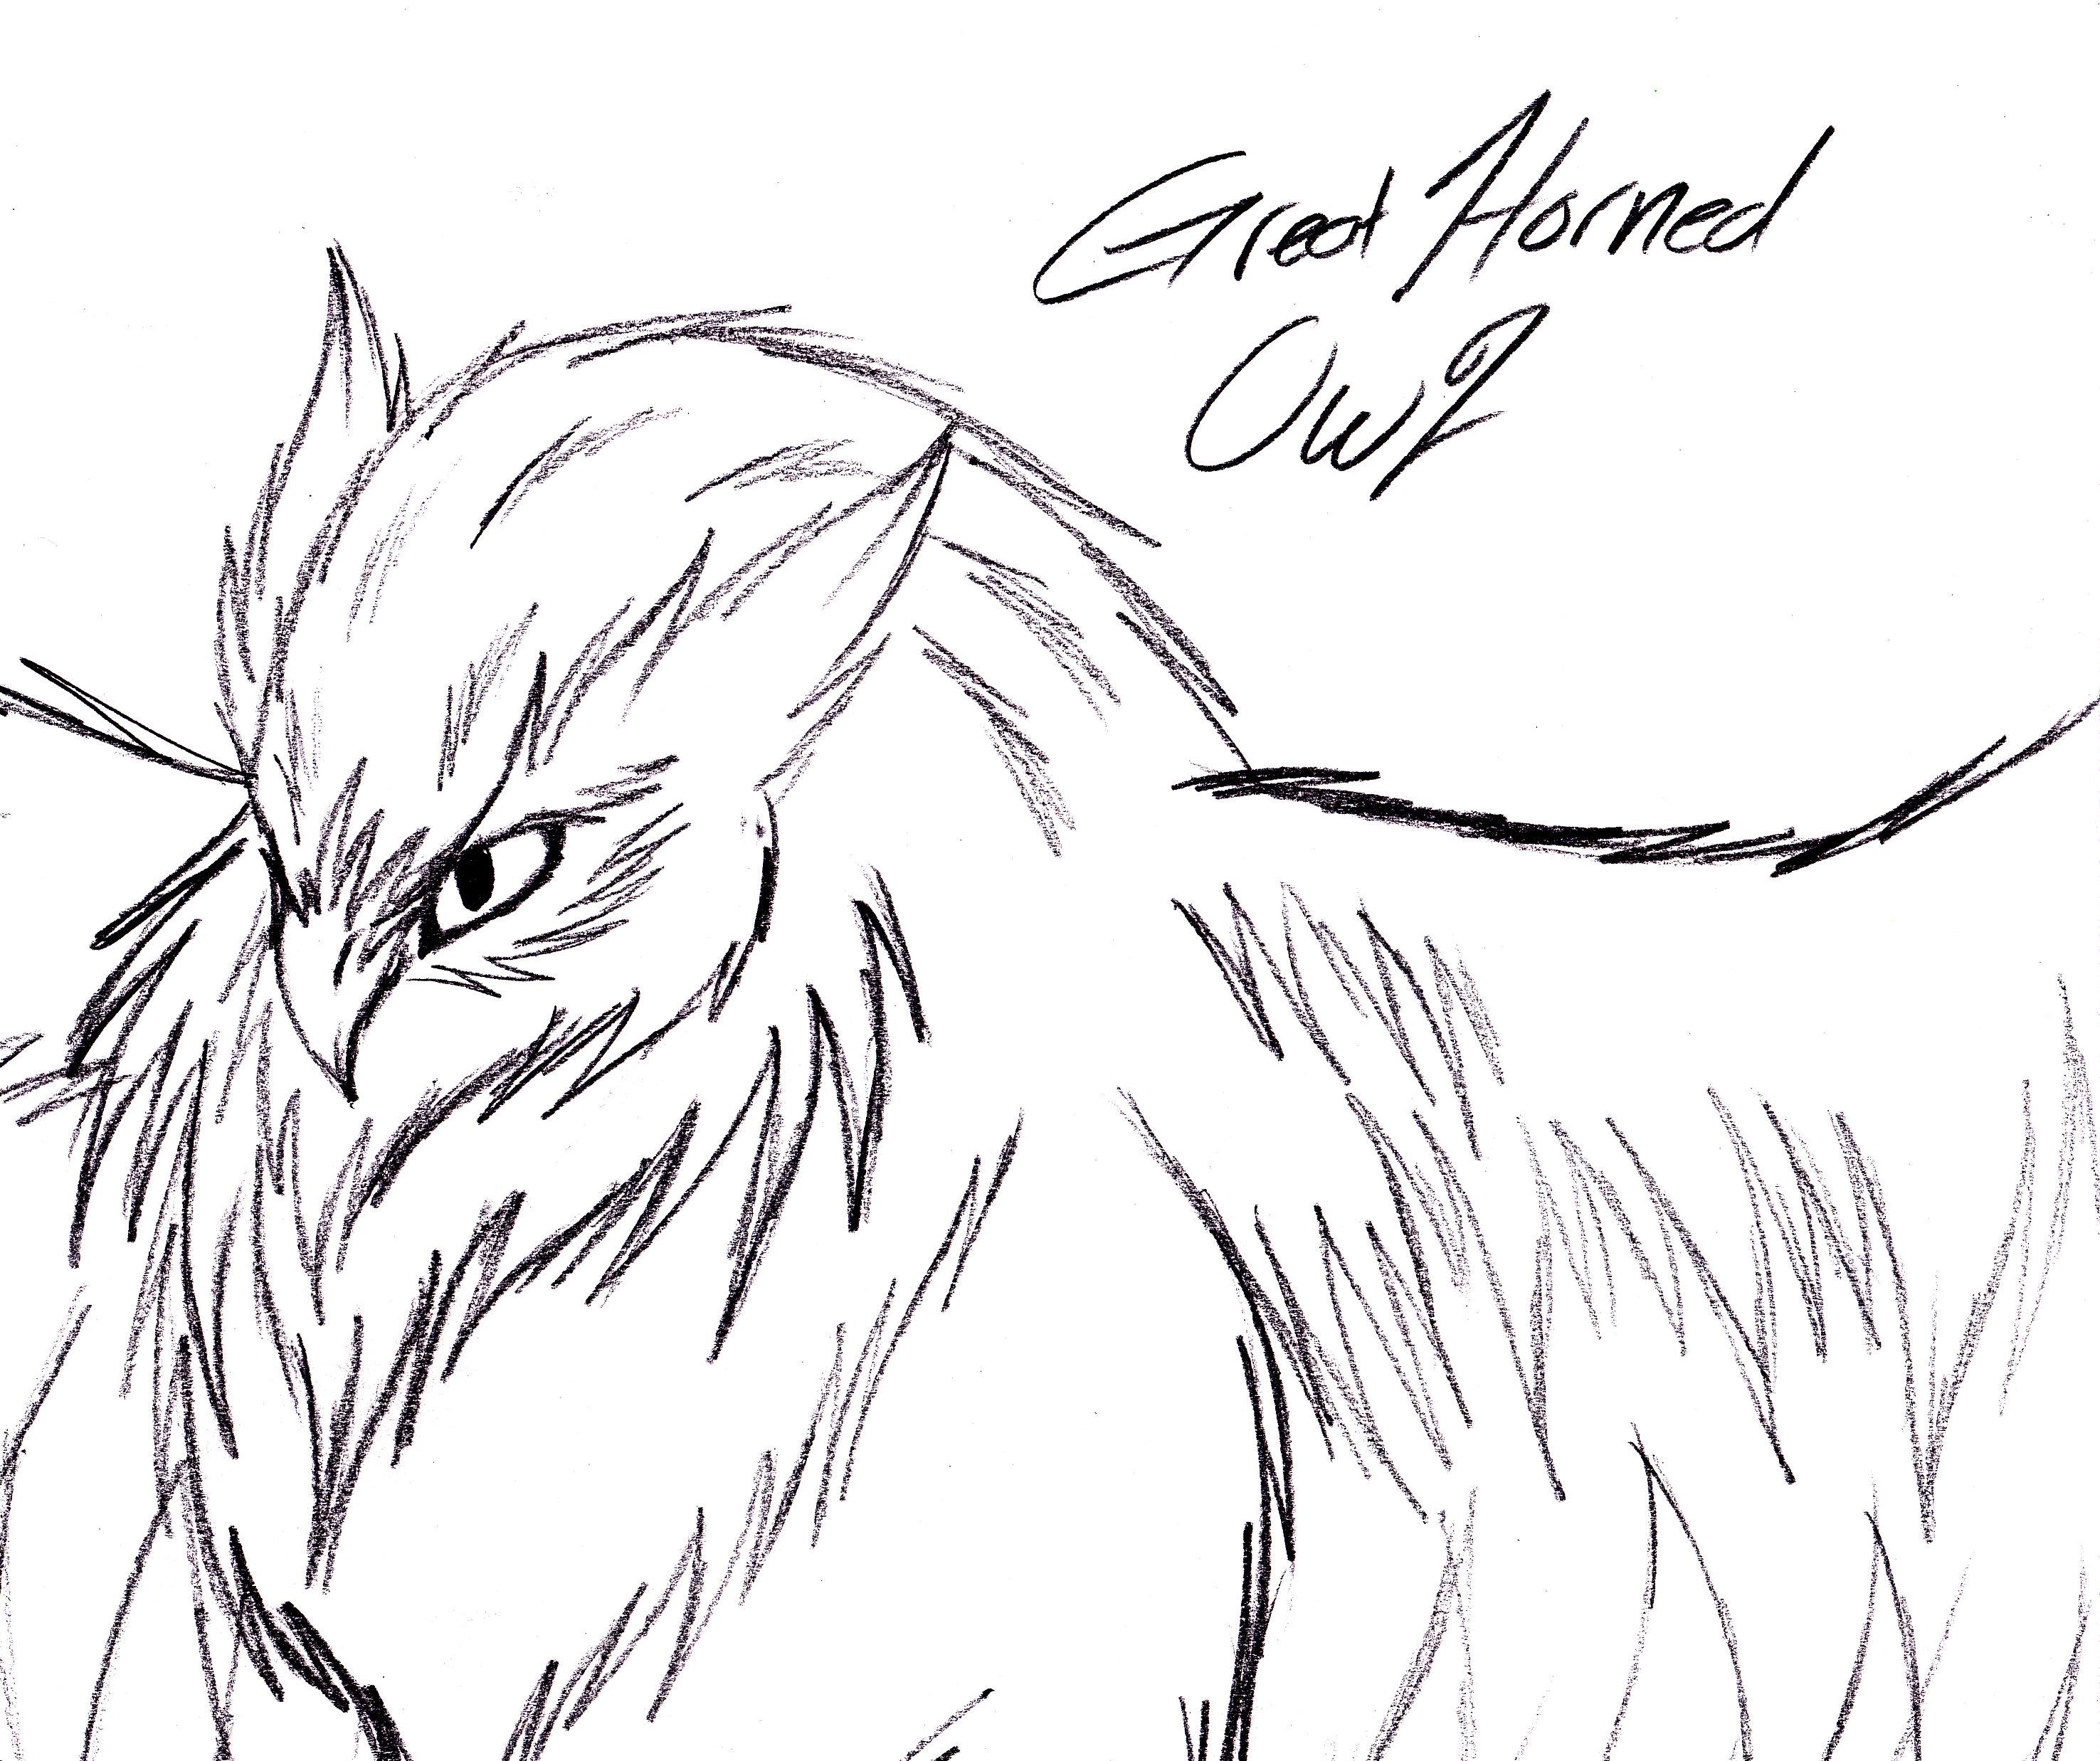 2951x2475 Great Horned Owl Sketch By Yamishadowzero